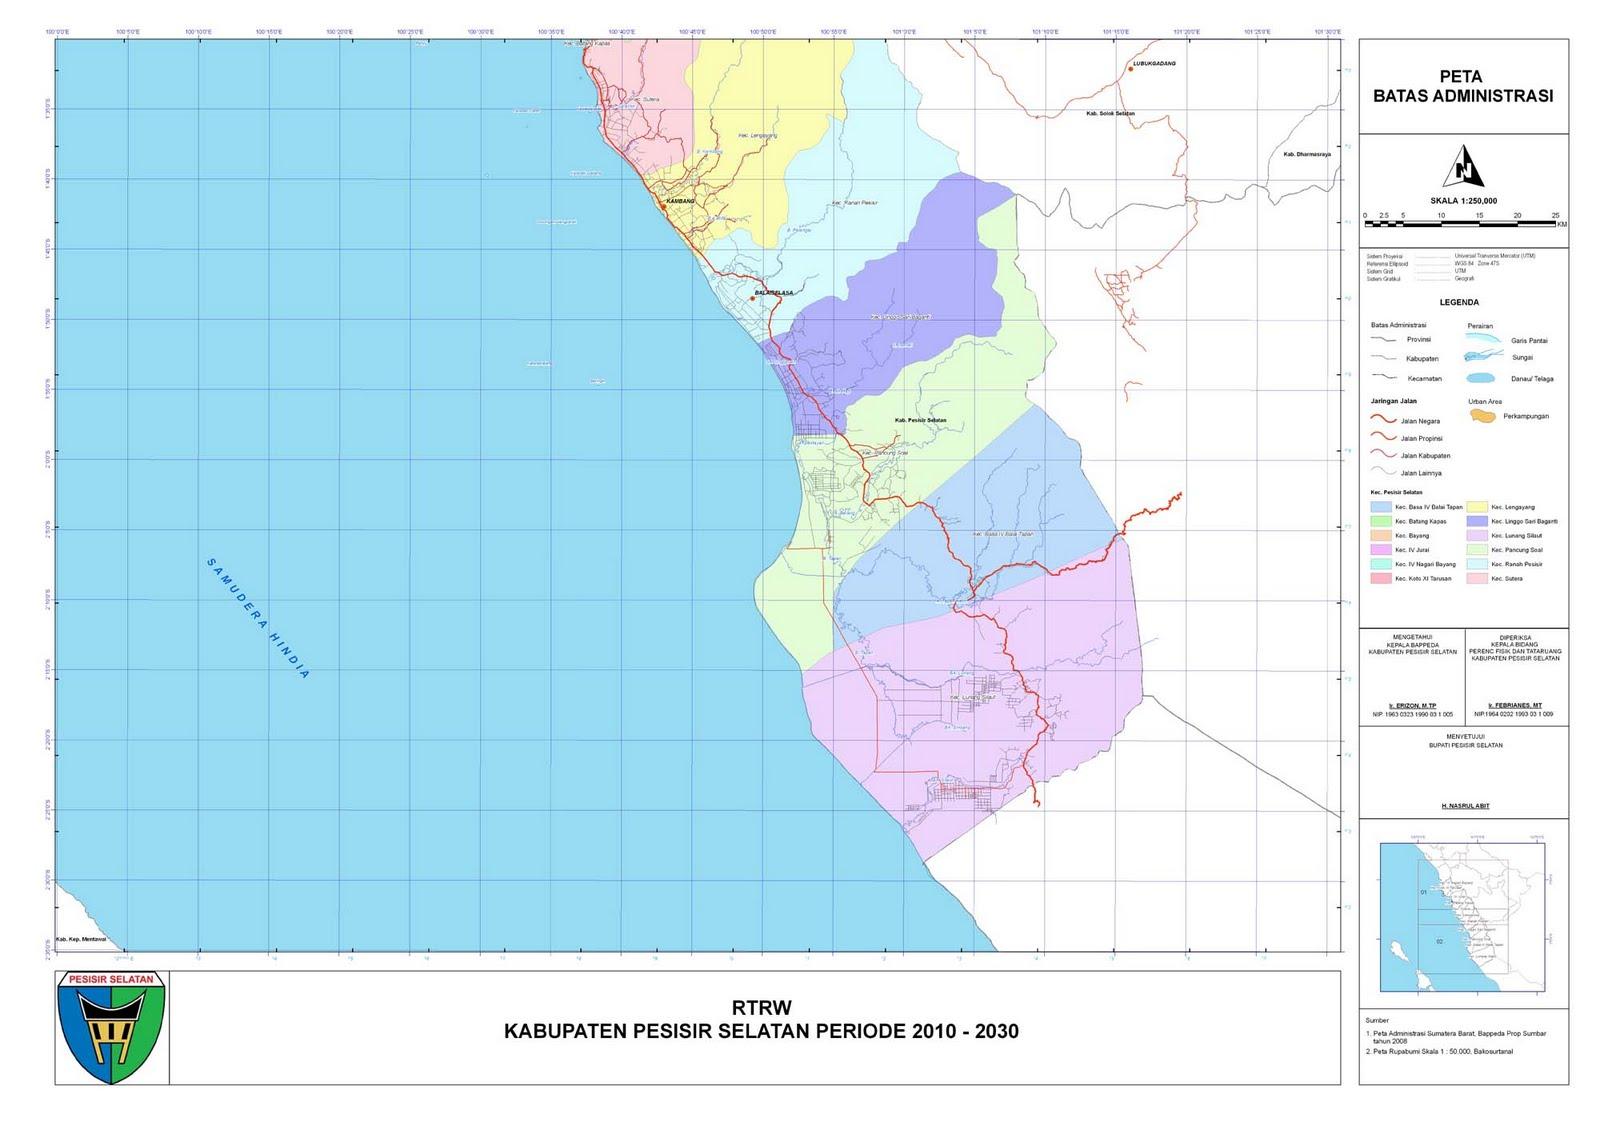 Peta Kota: Peta Kabupaten Pesisir Selatan